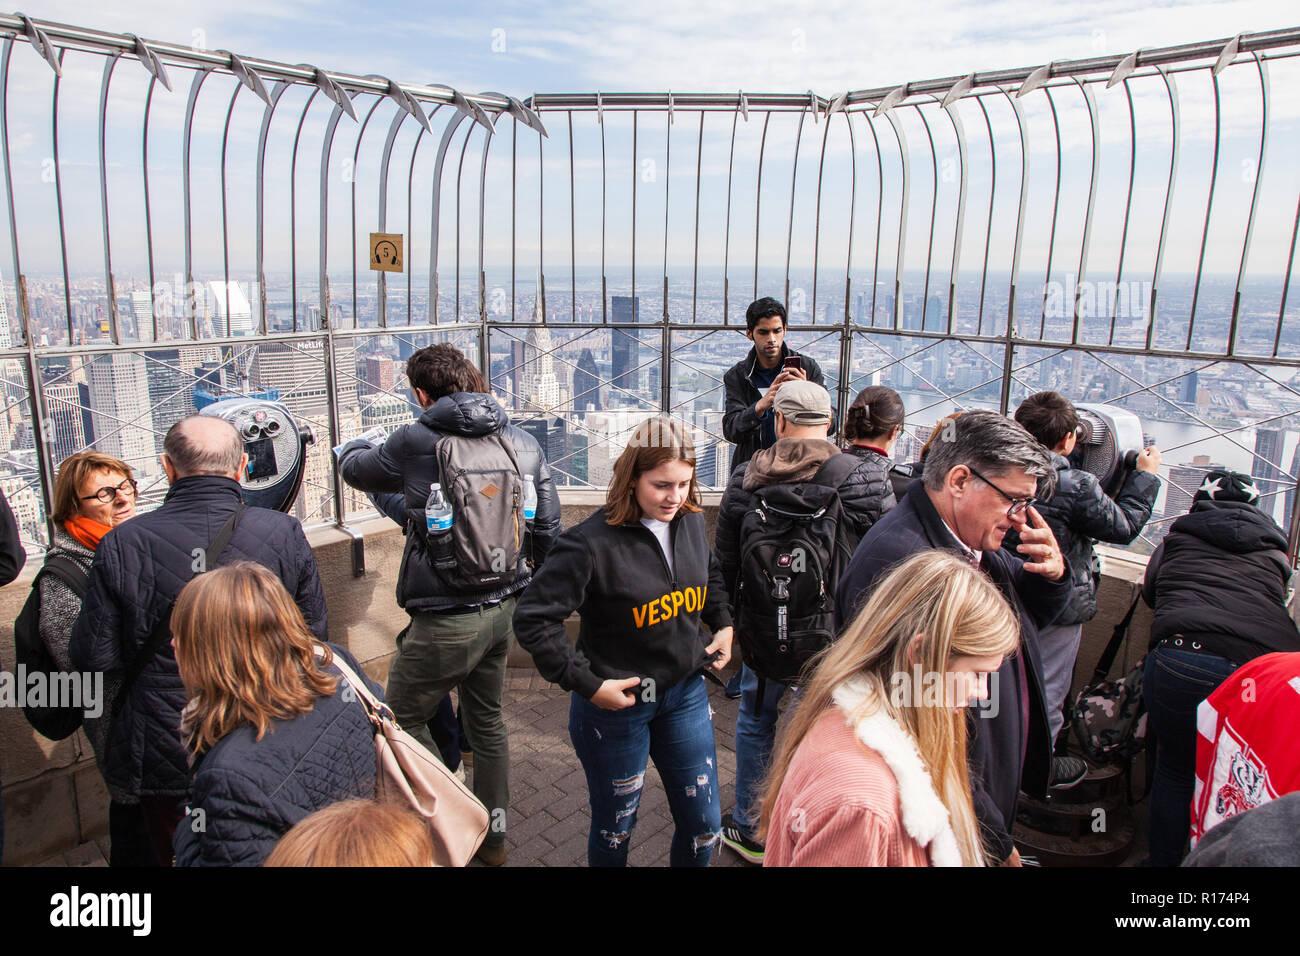 L'observatoire du 86e étage, Empire State Building, Manhattan, New York City, États-Unis d'Amérique. Banque D'Images